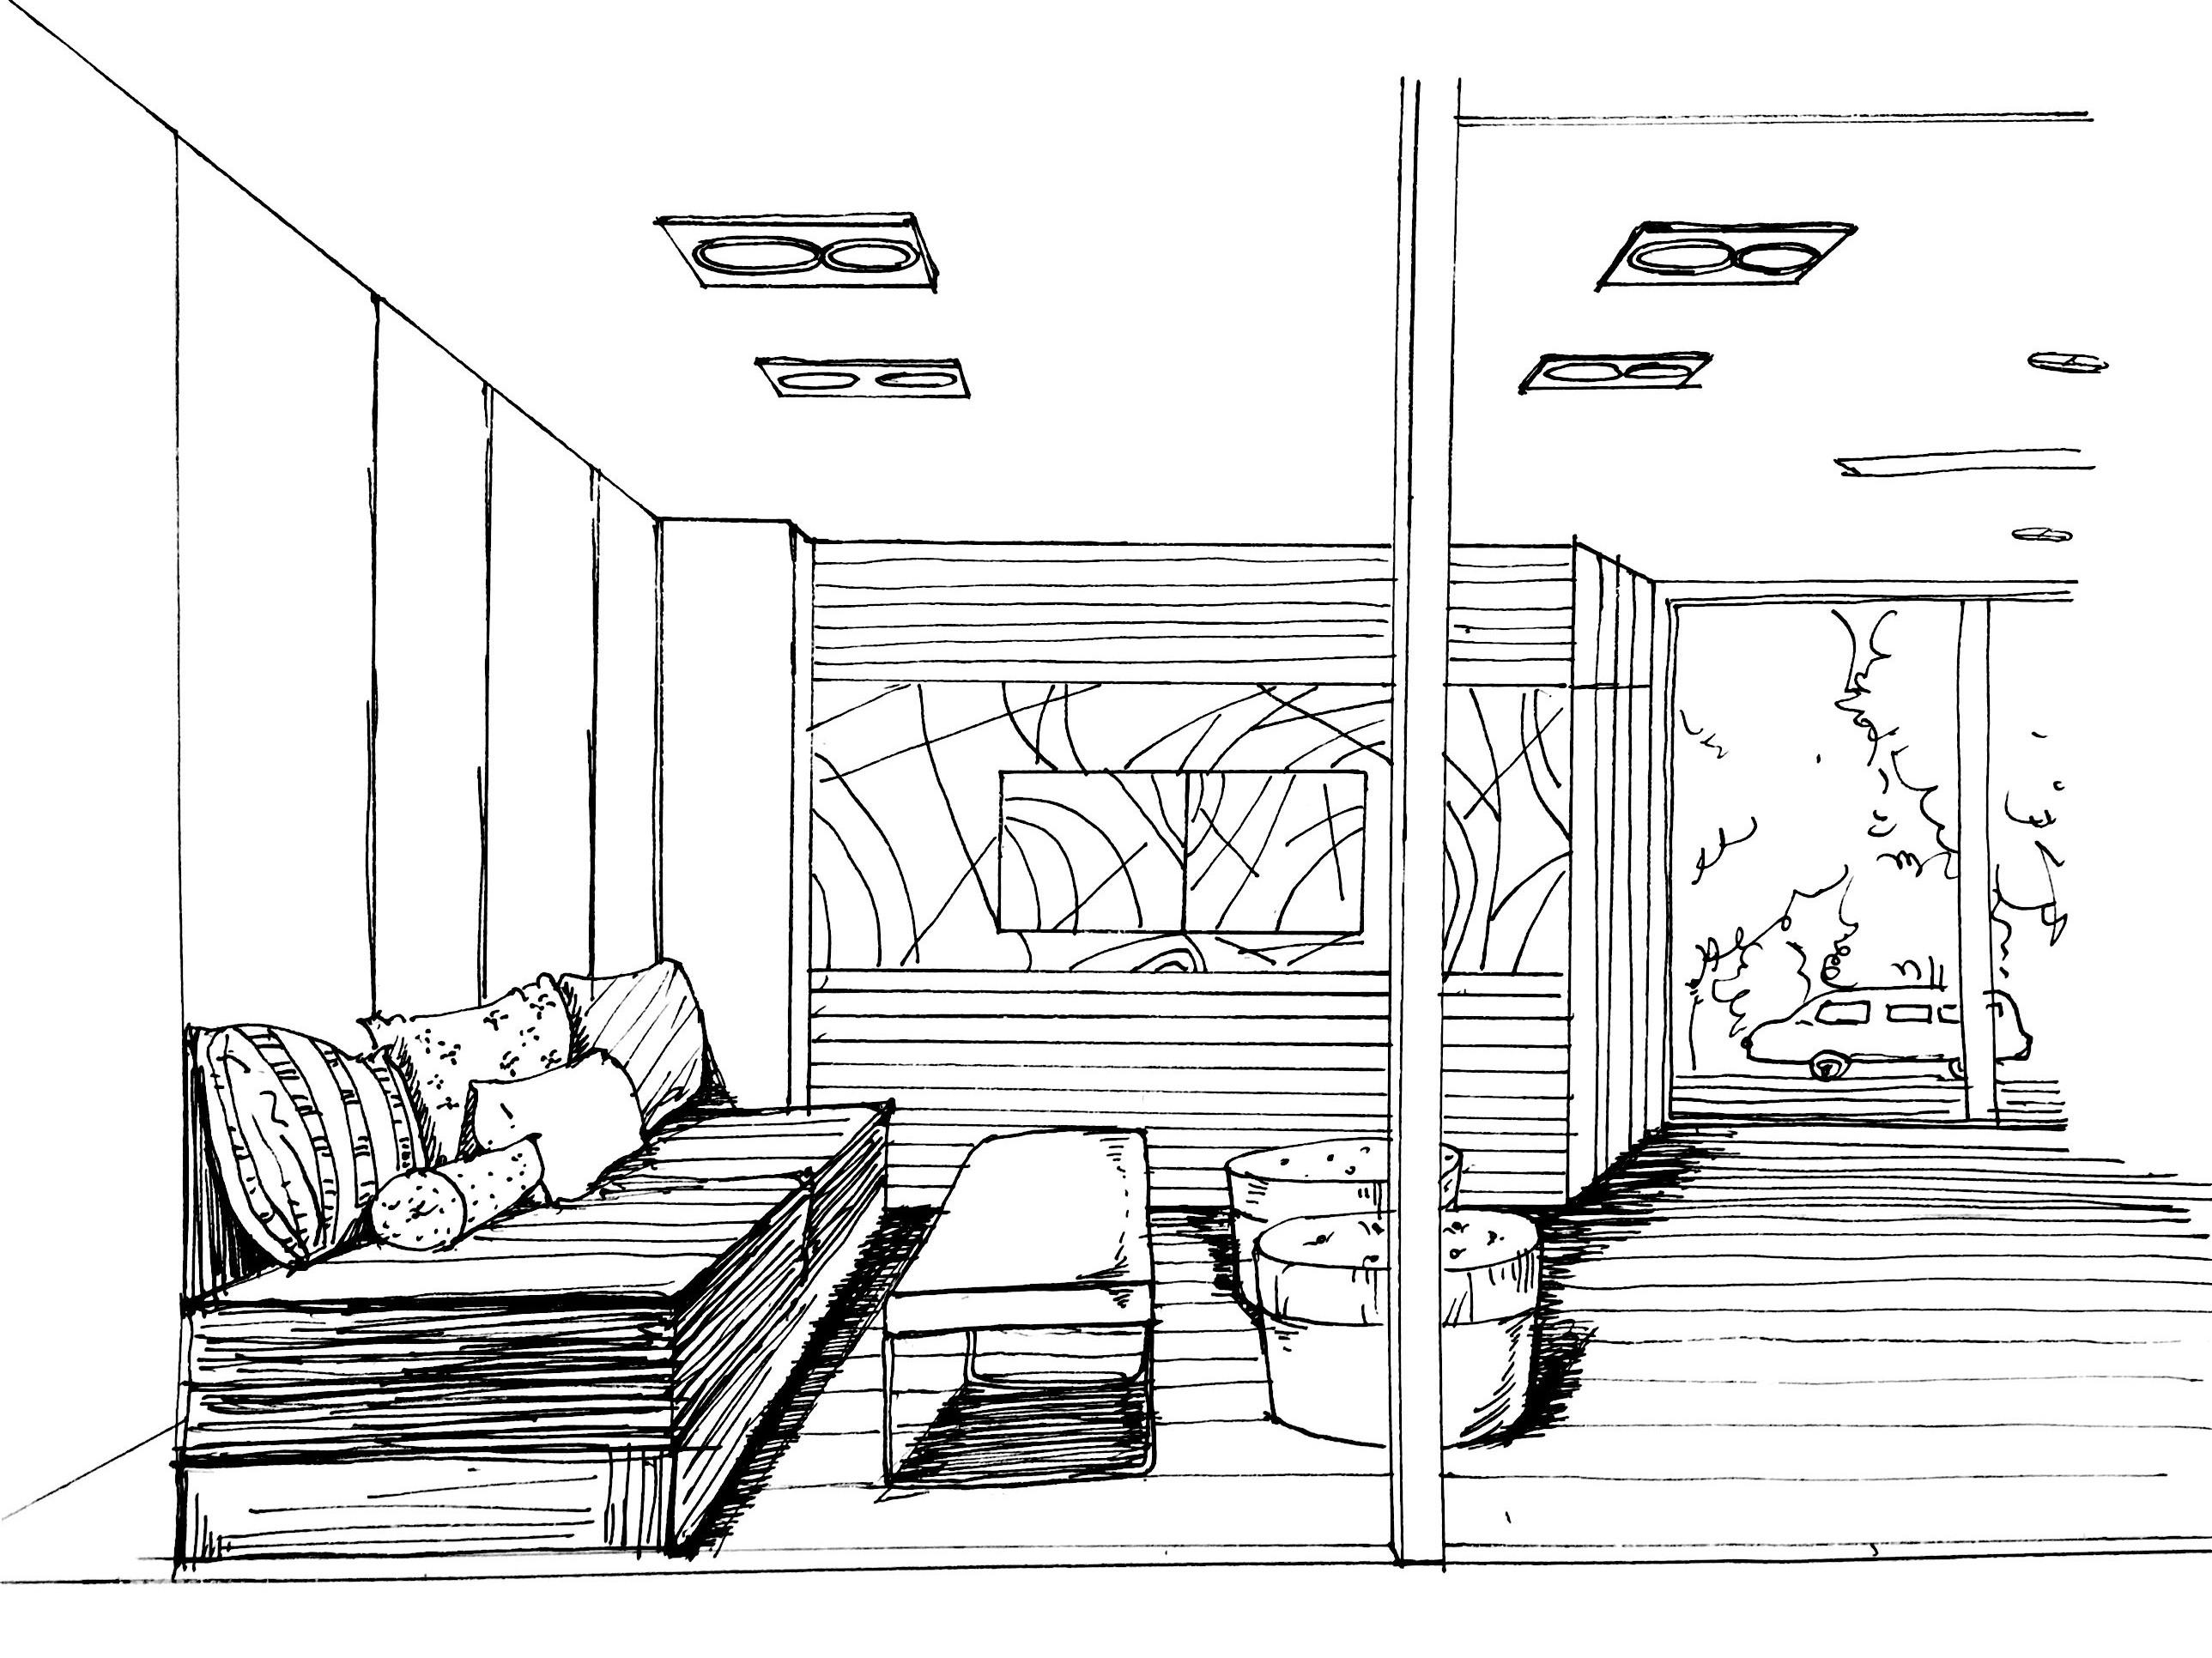 私人住宅设计|空间|室内设计|毛皮儿 - 原创作品